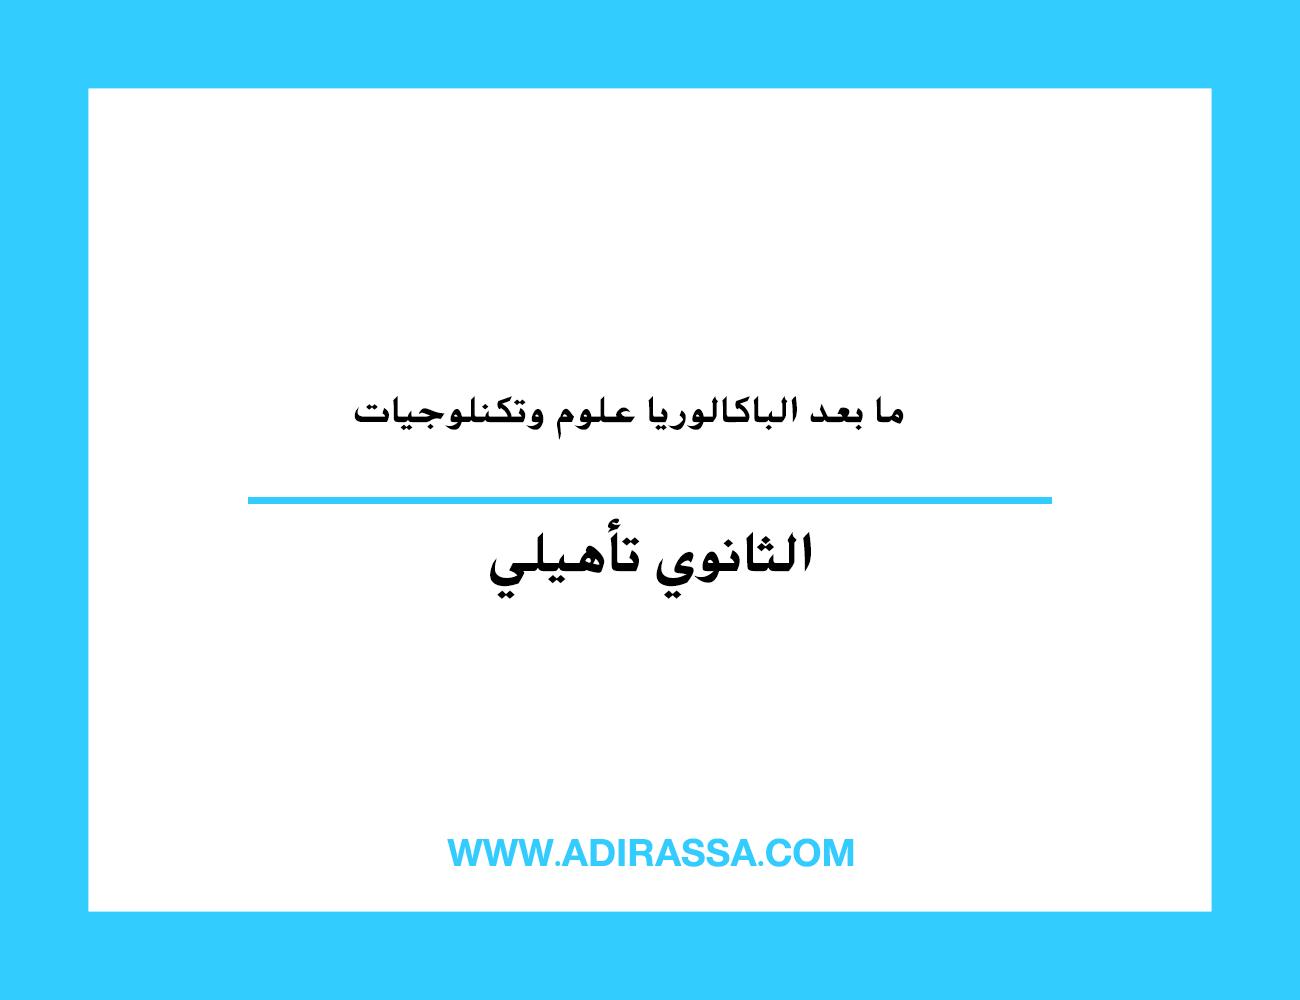 ما بعد الباكالوريا علوم وتكنلوجيات حسب المؤسسات و التكوينات المتاحة الولوج بالمغرب